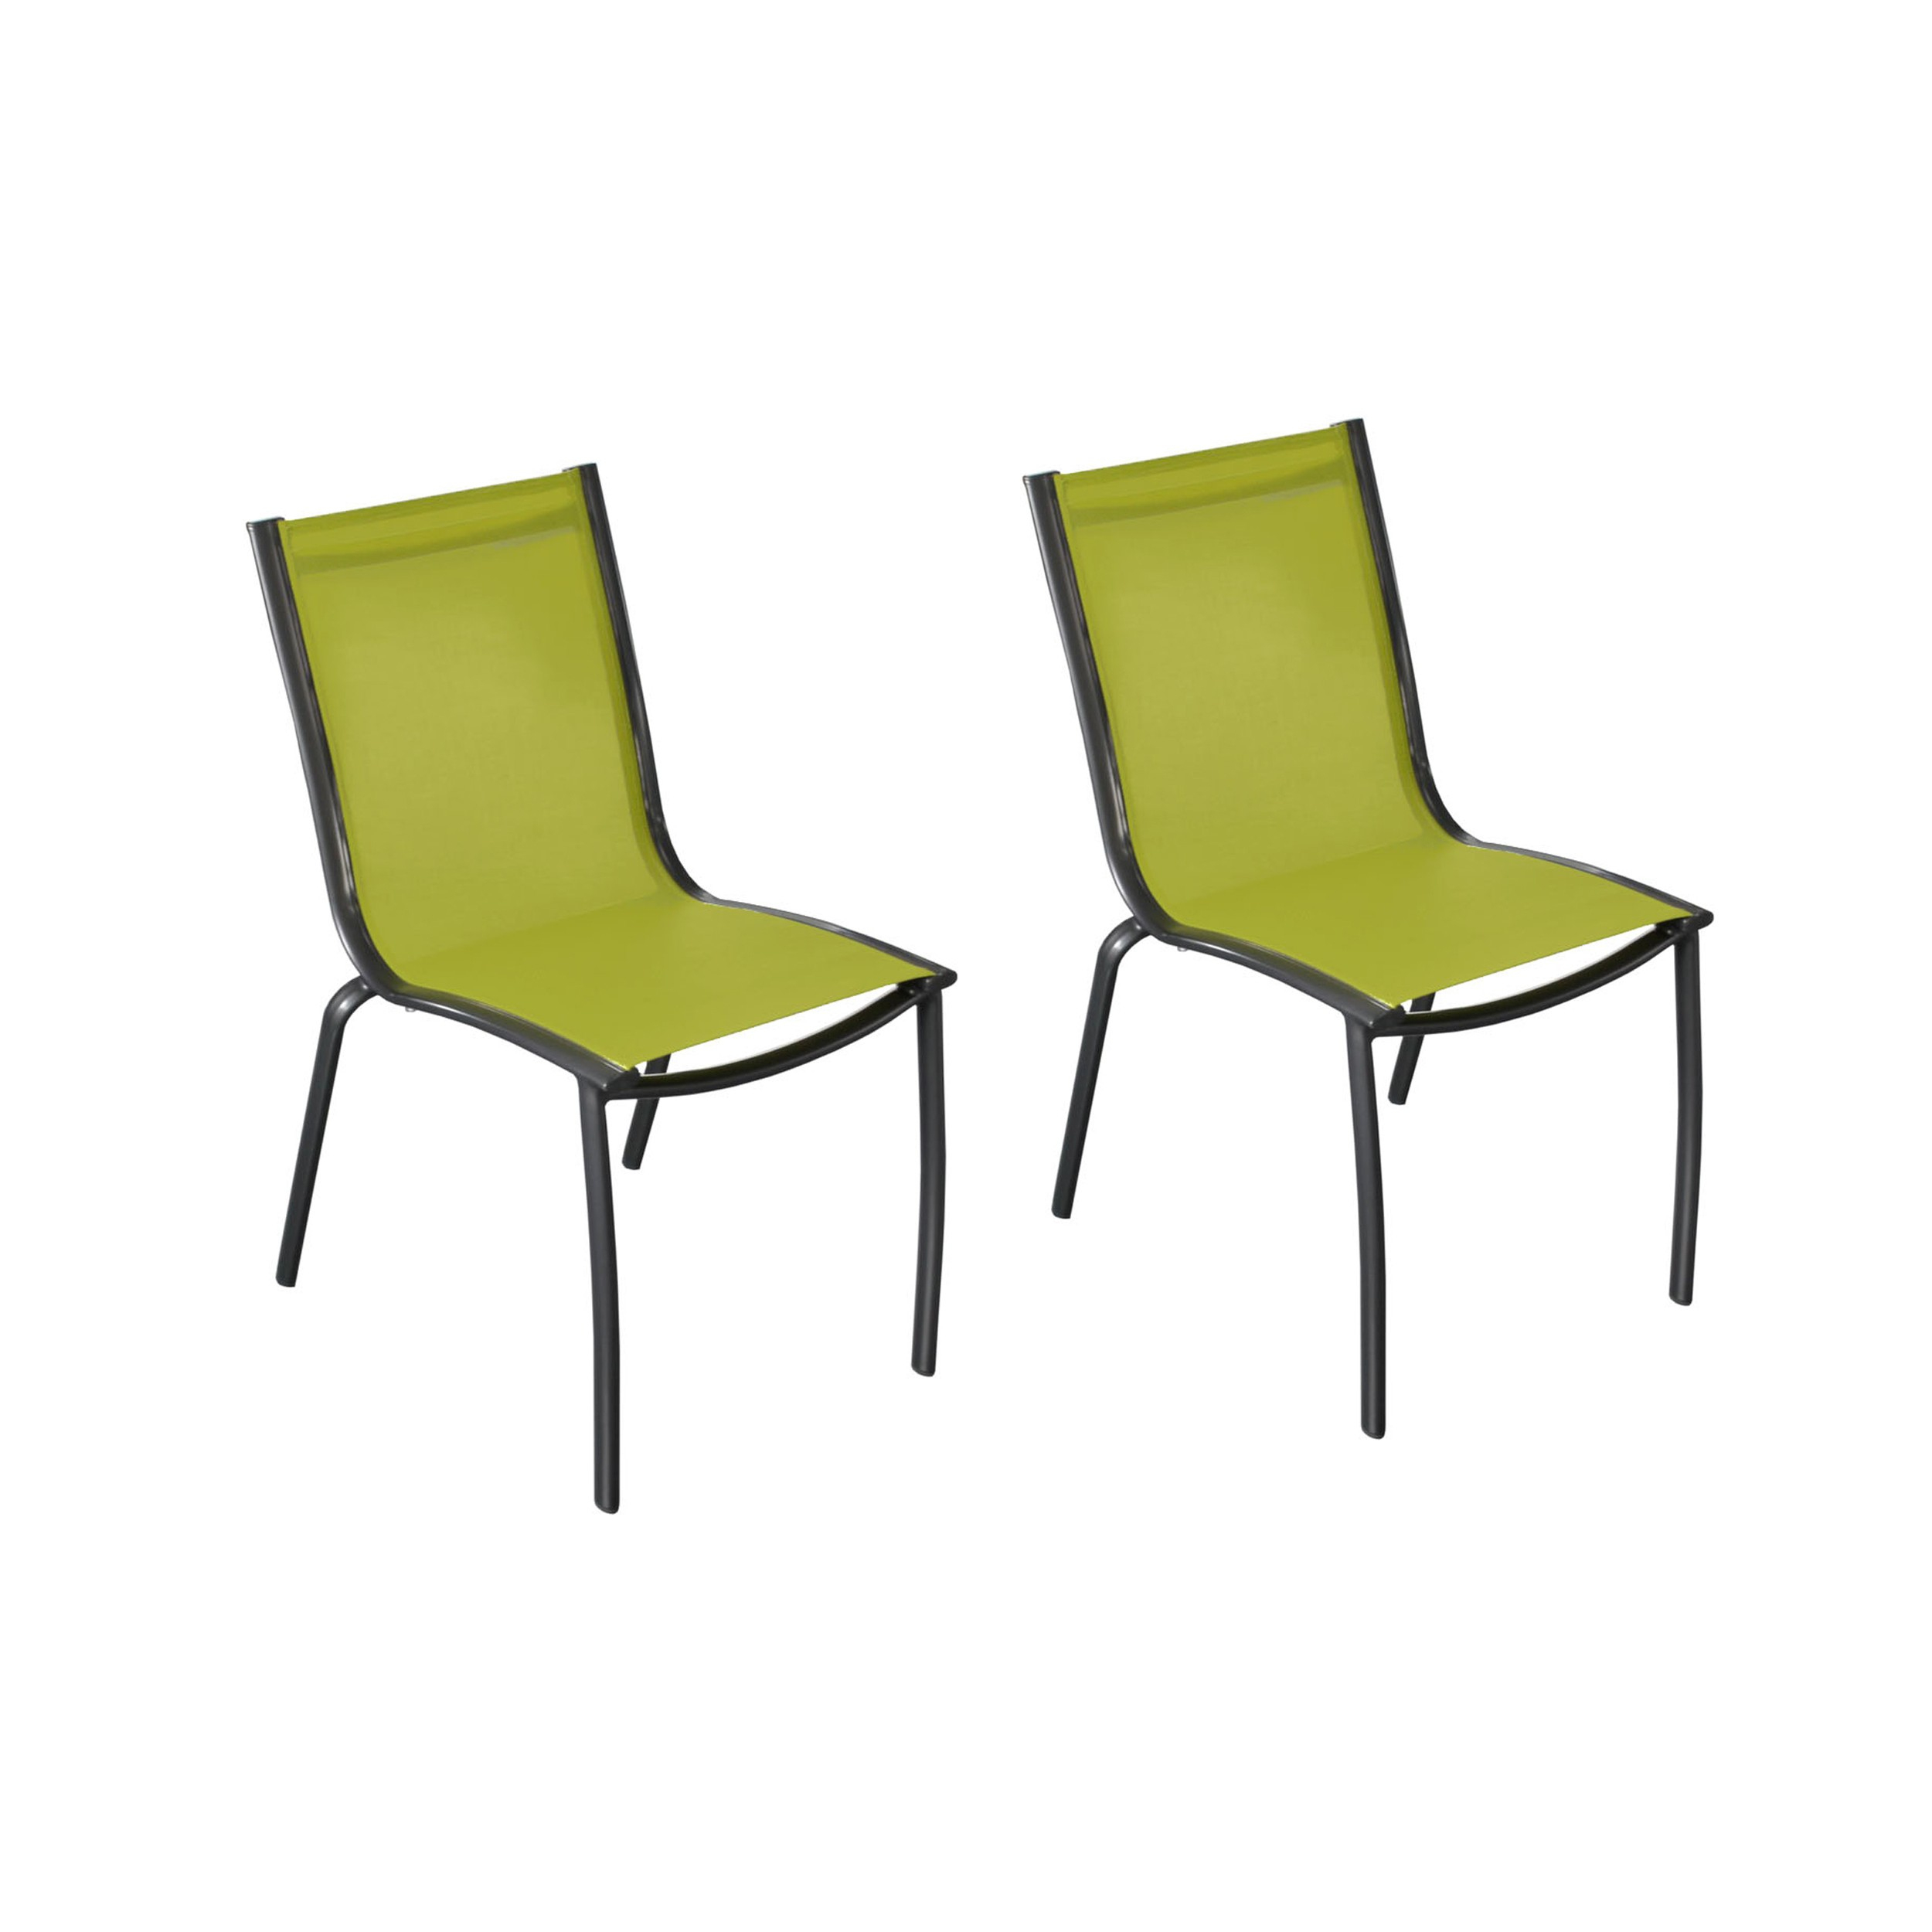 Chaise De Jardin Santa Rosa Vert Anis (Lot De 2) dedans Chaise De Jardin Verte